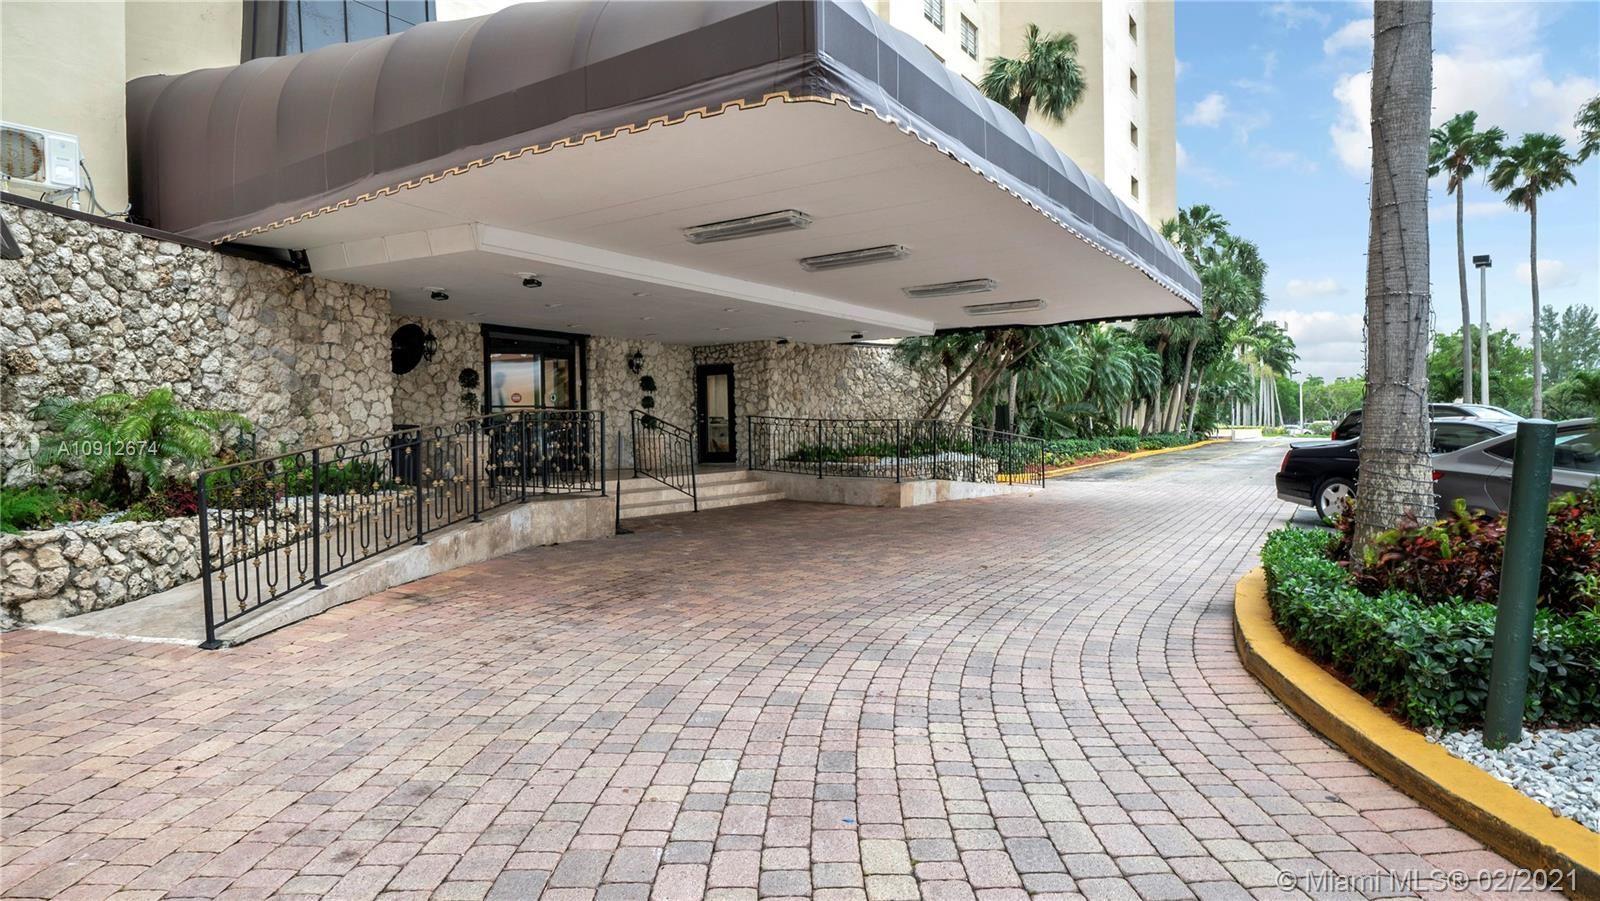 11111 Biscayne Blvd #8E, Miami, FL 33181 - #: A10912674